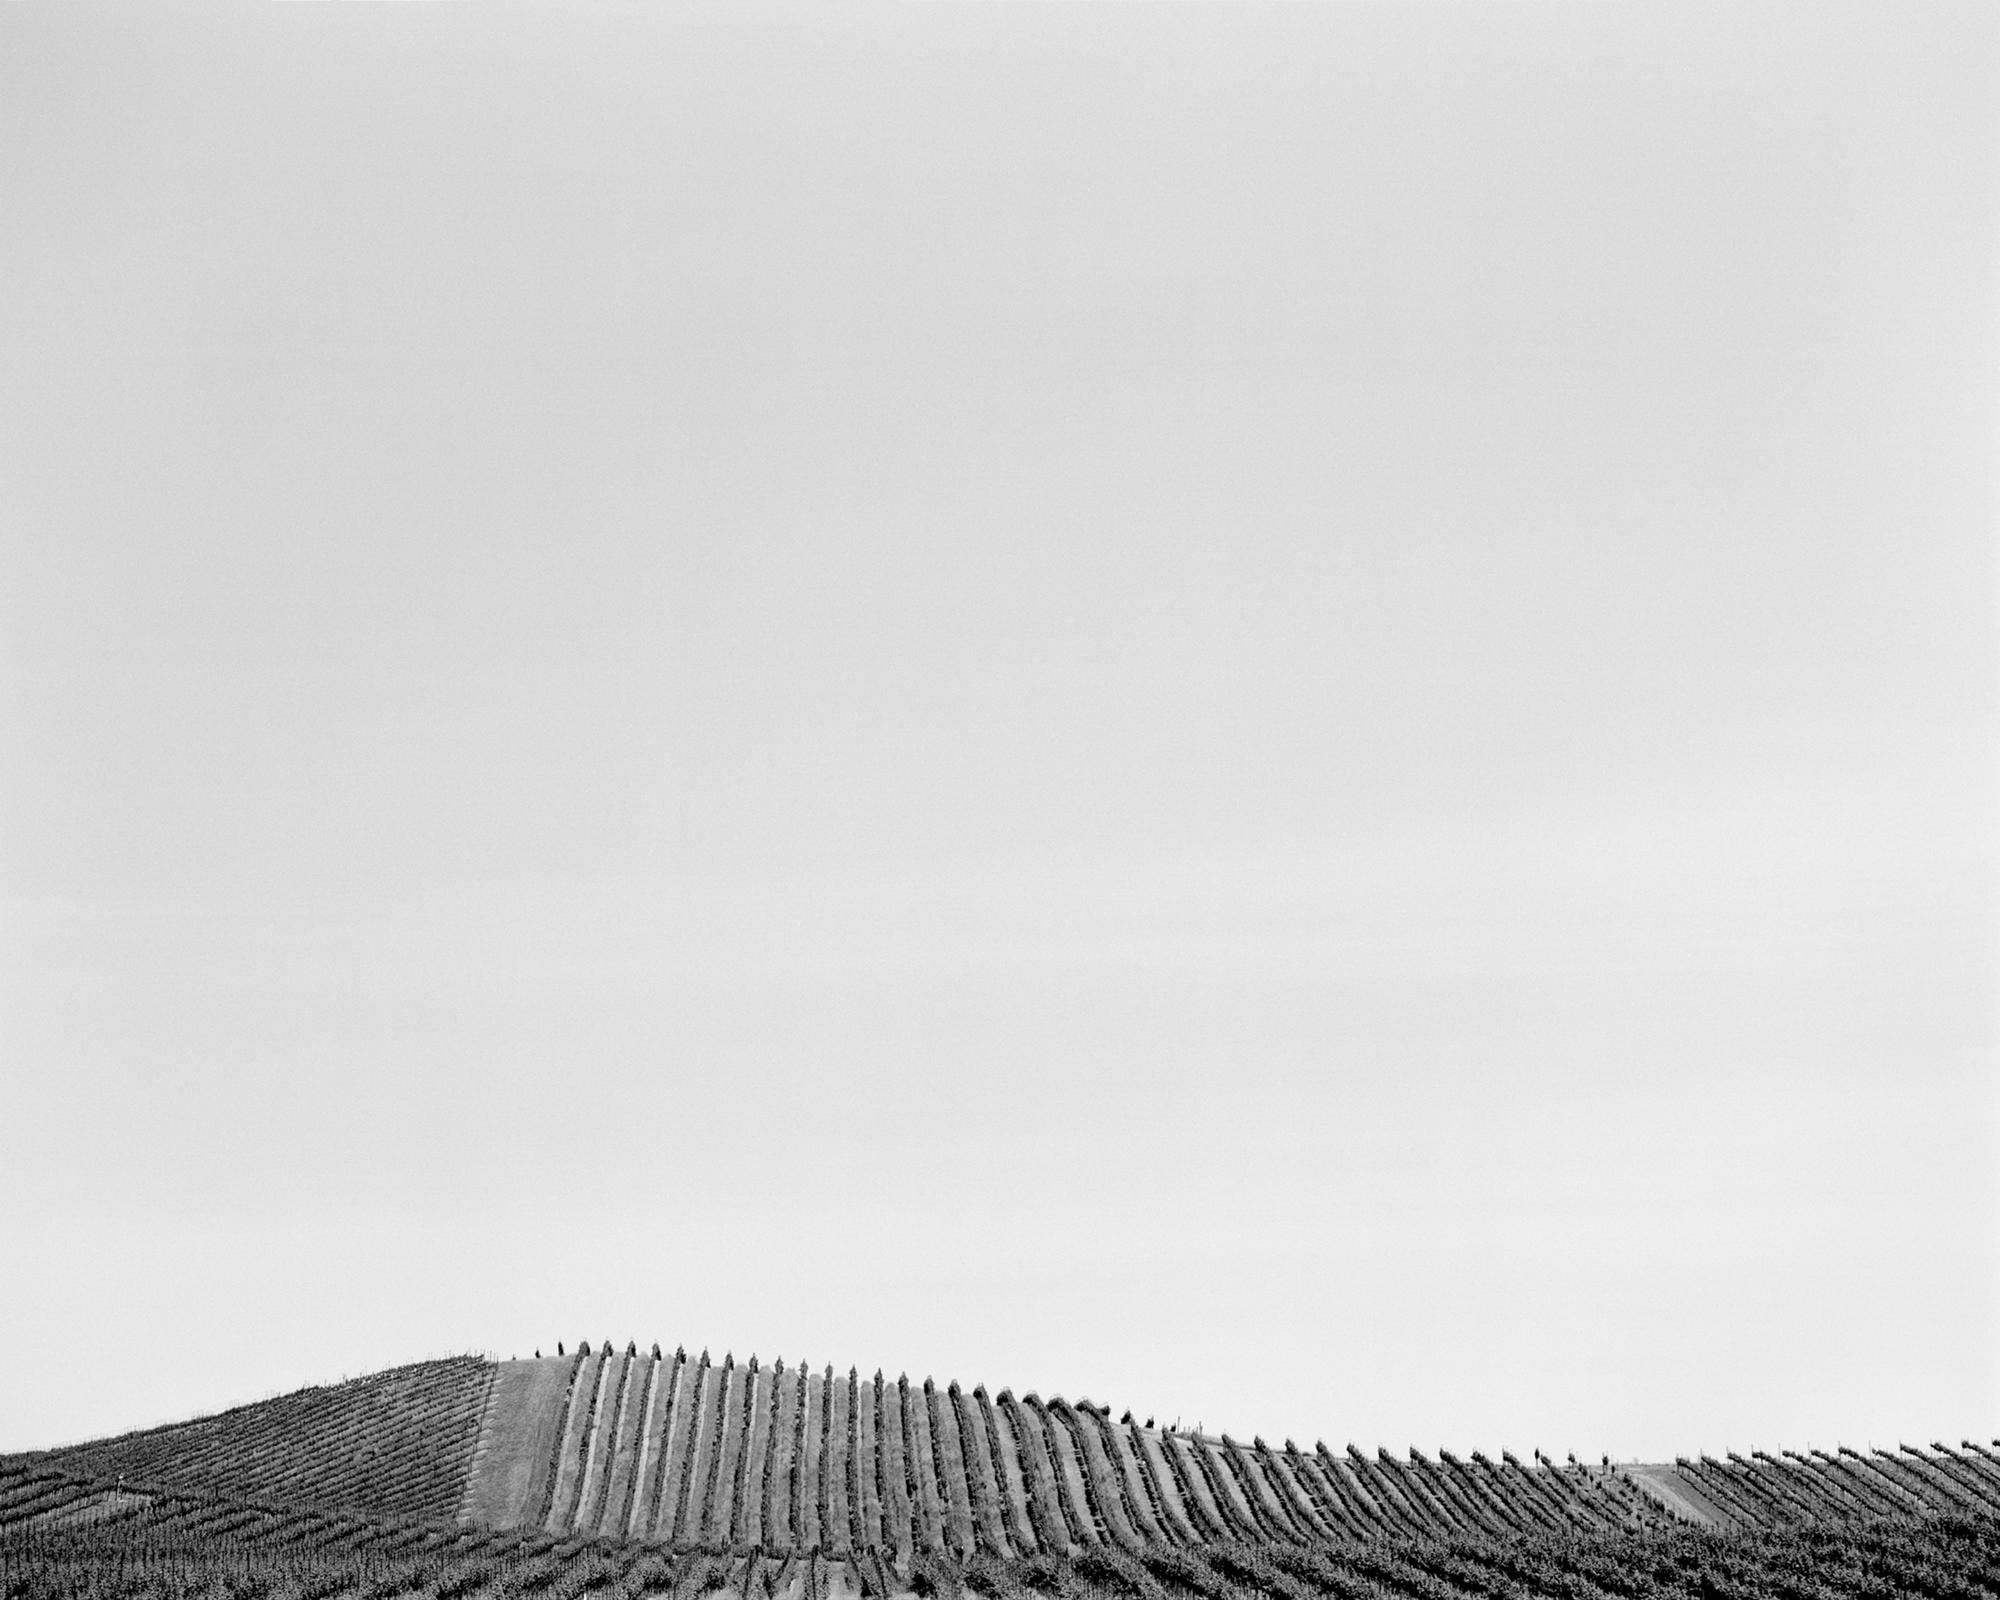 Vineyard no. 1